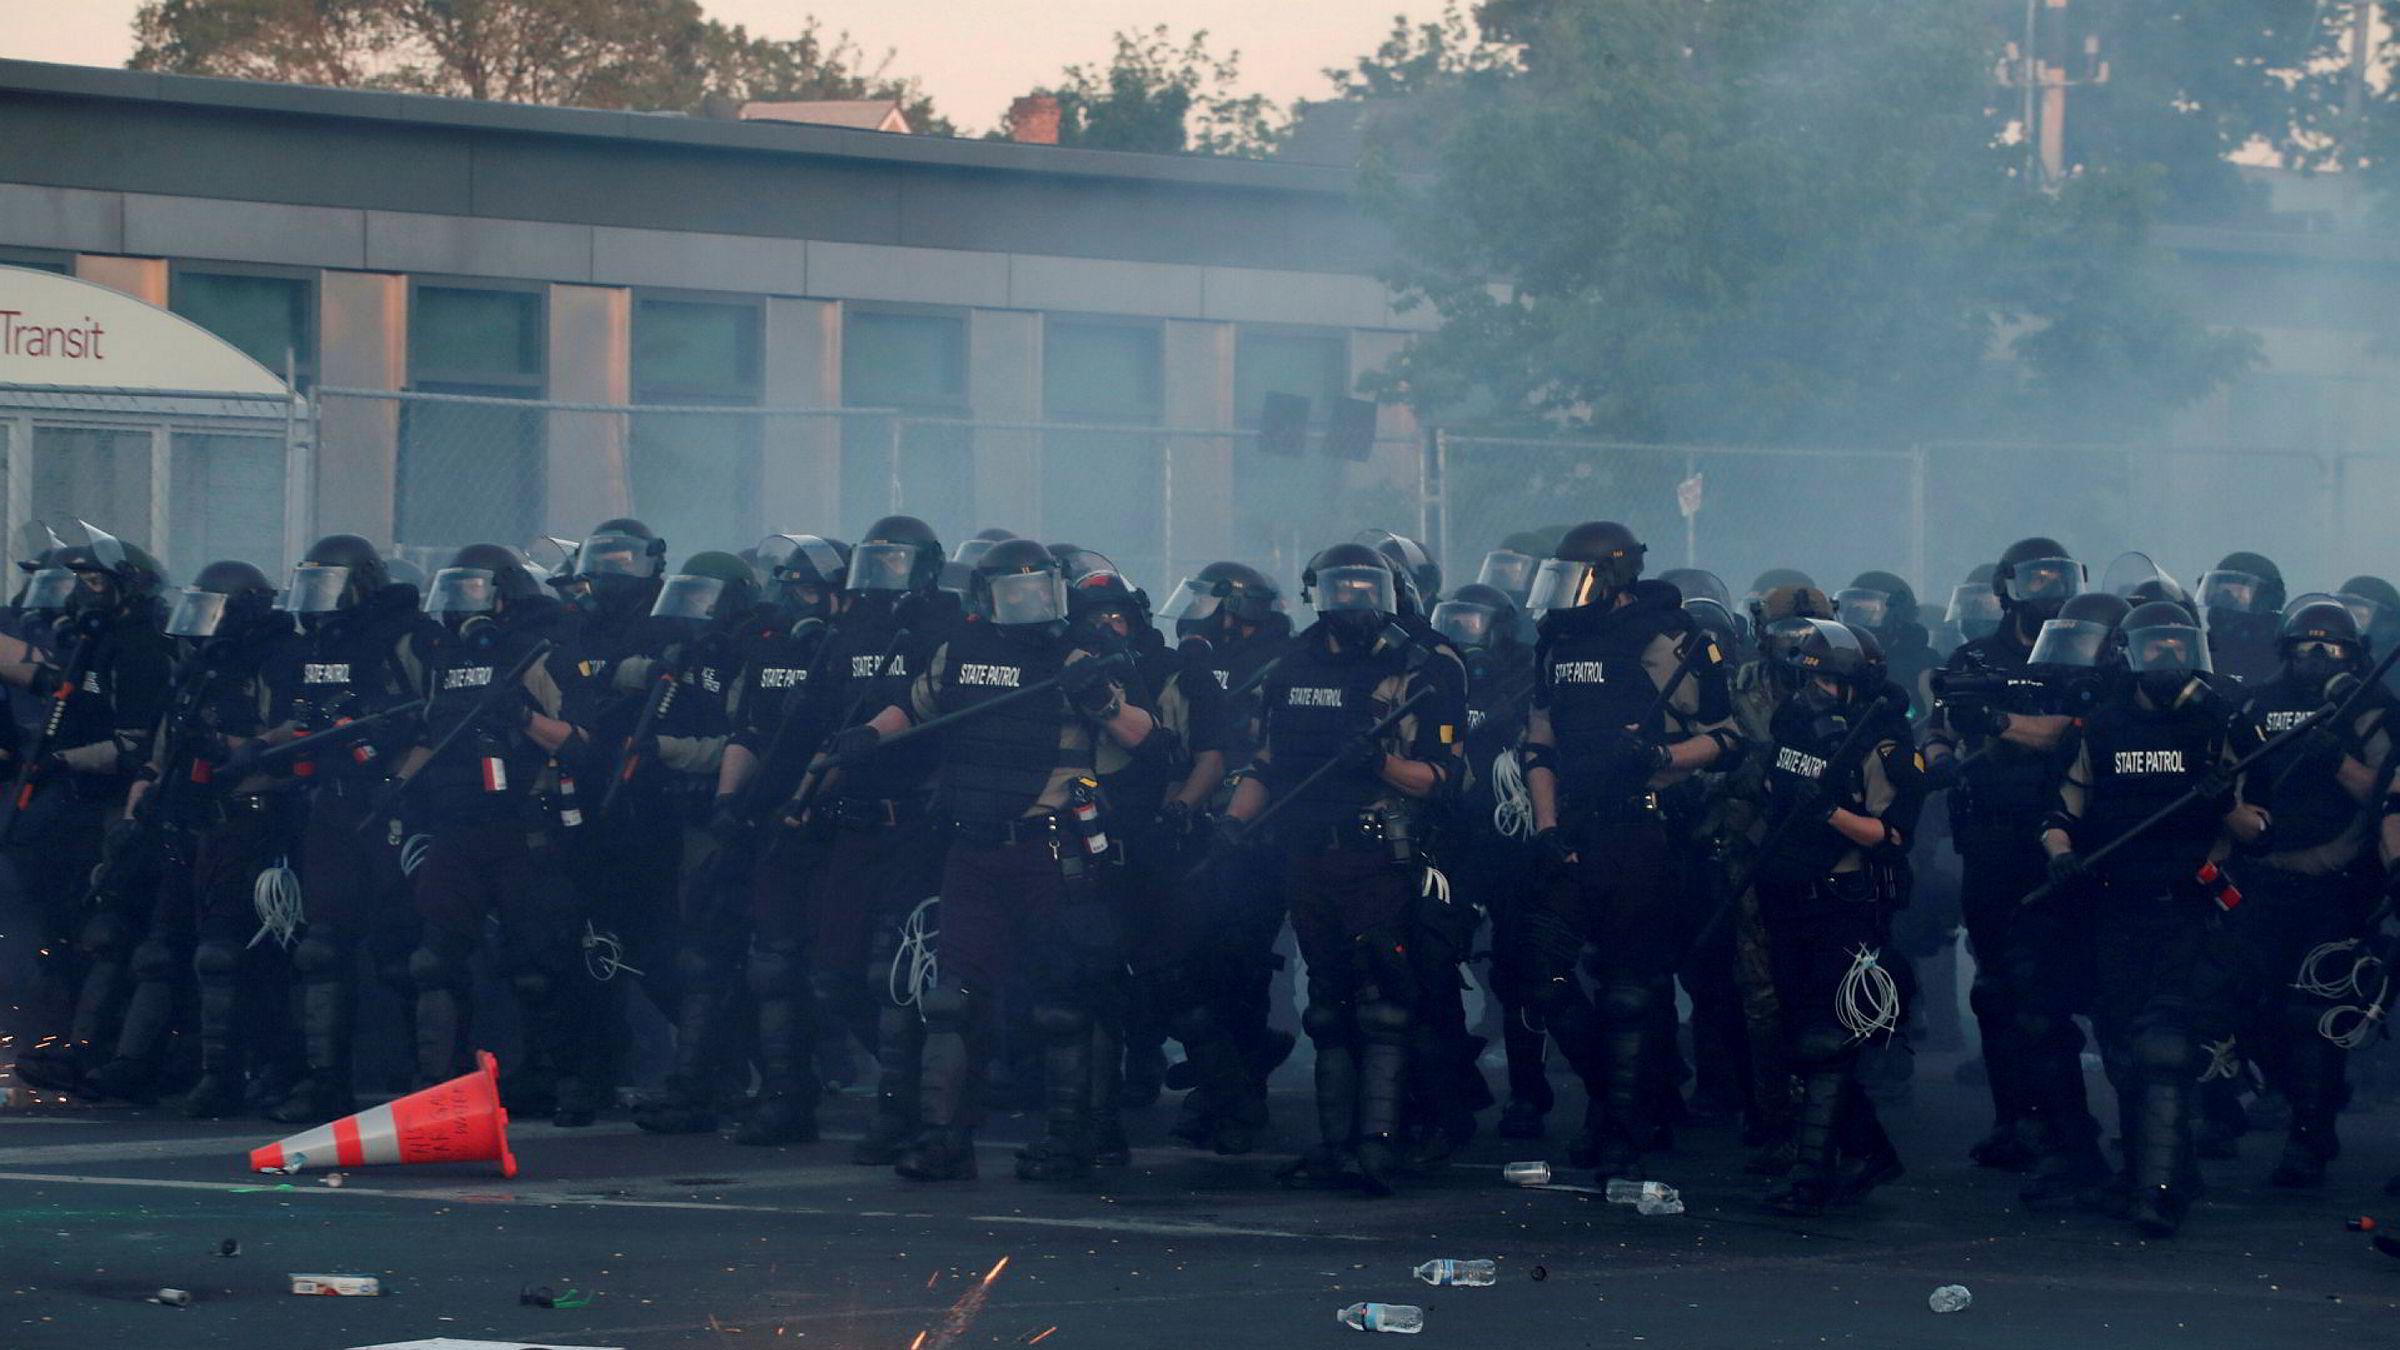 Det har vært voldsomme sammenstøt mellom politiet og demonstranter i flere amerikanske storbyer de siste dagene. Dette ble tatt i Minneapolis lørdag, byen der George Floyd døde etter å ha blitt pågrepet av politiet.